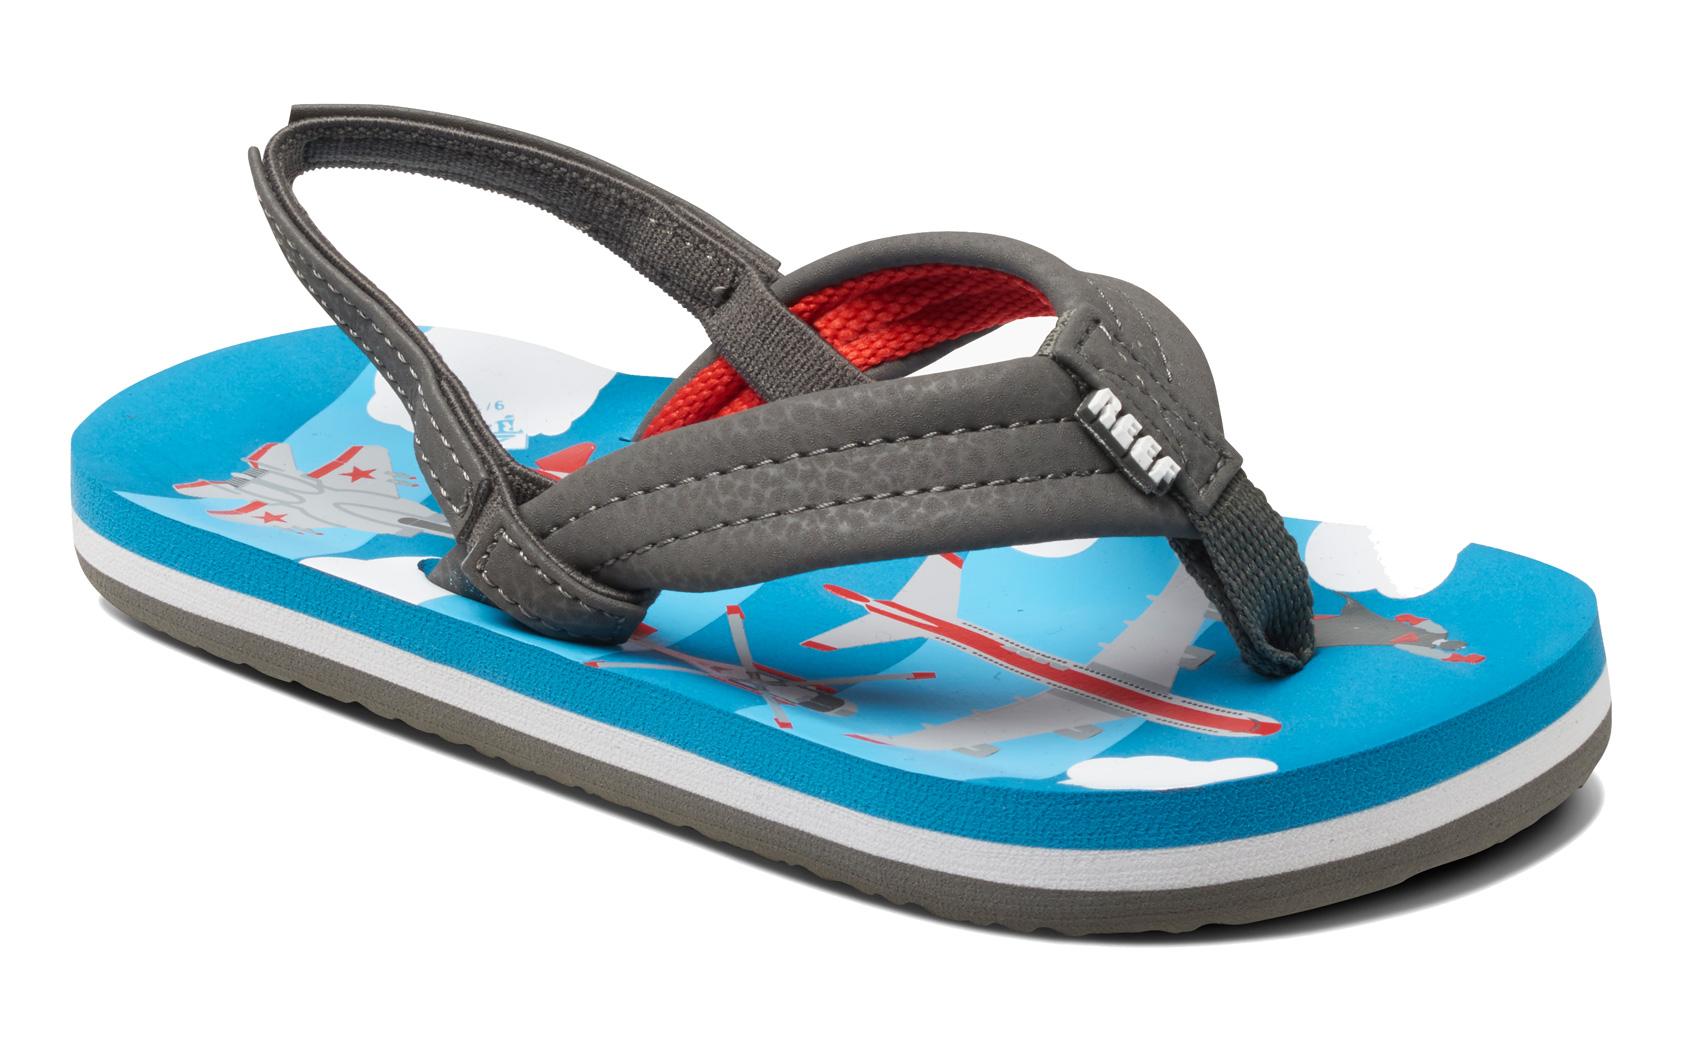 99b78461dd58 Reef Toddlers Ahi Straps Flip Flop